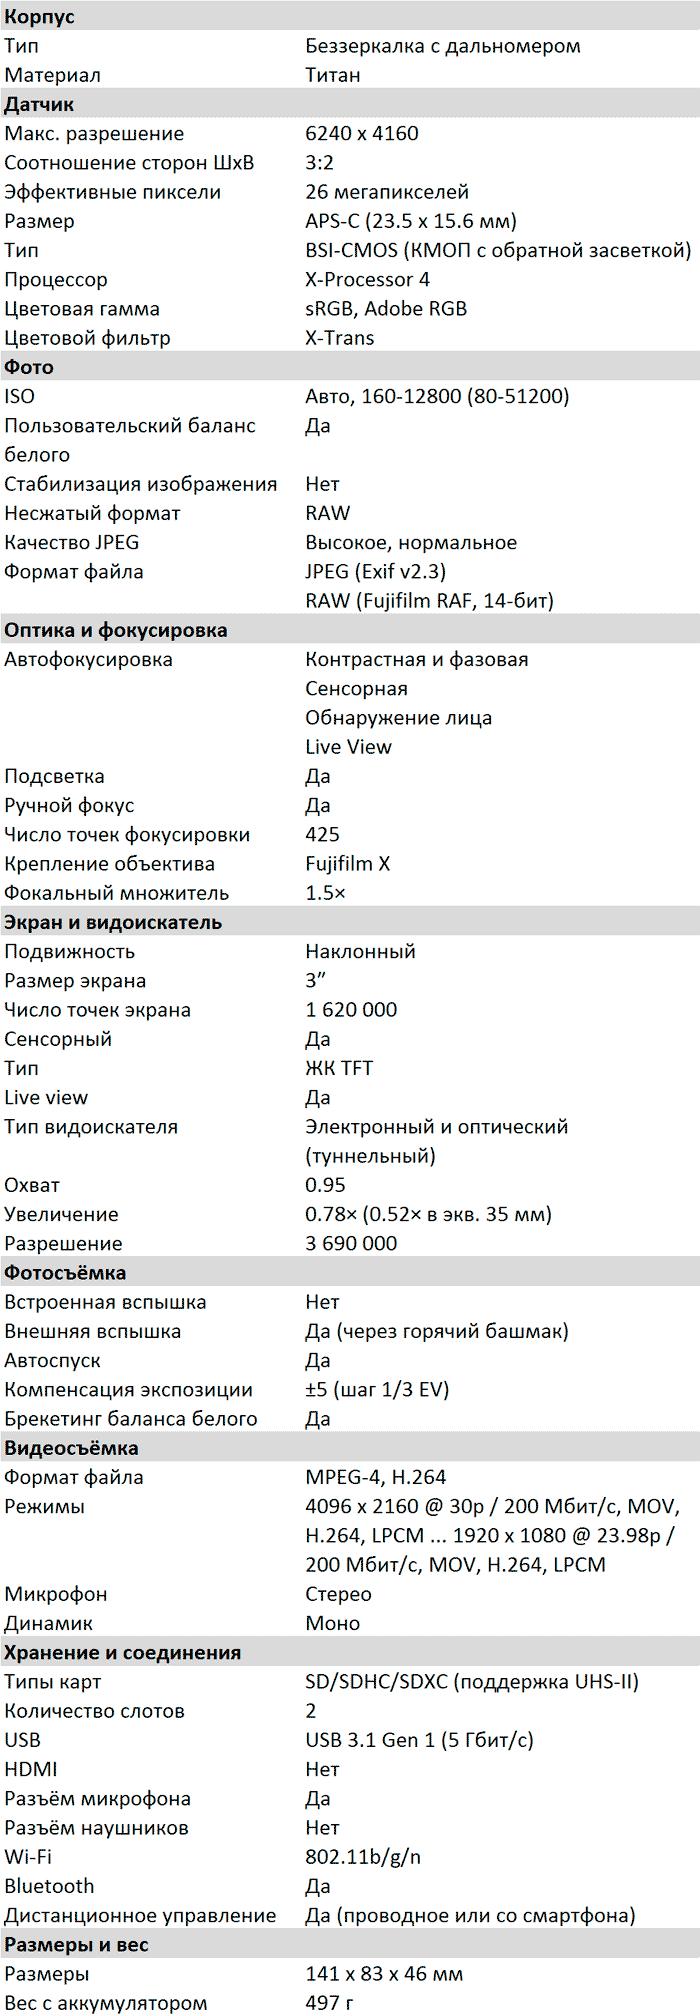 Характеристики X-Pro 3